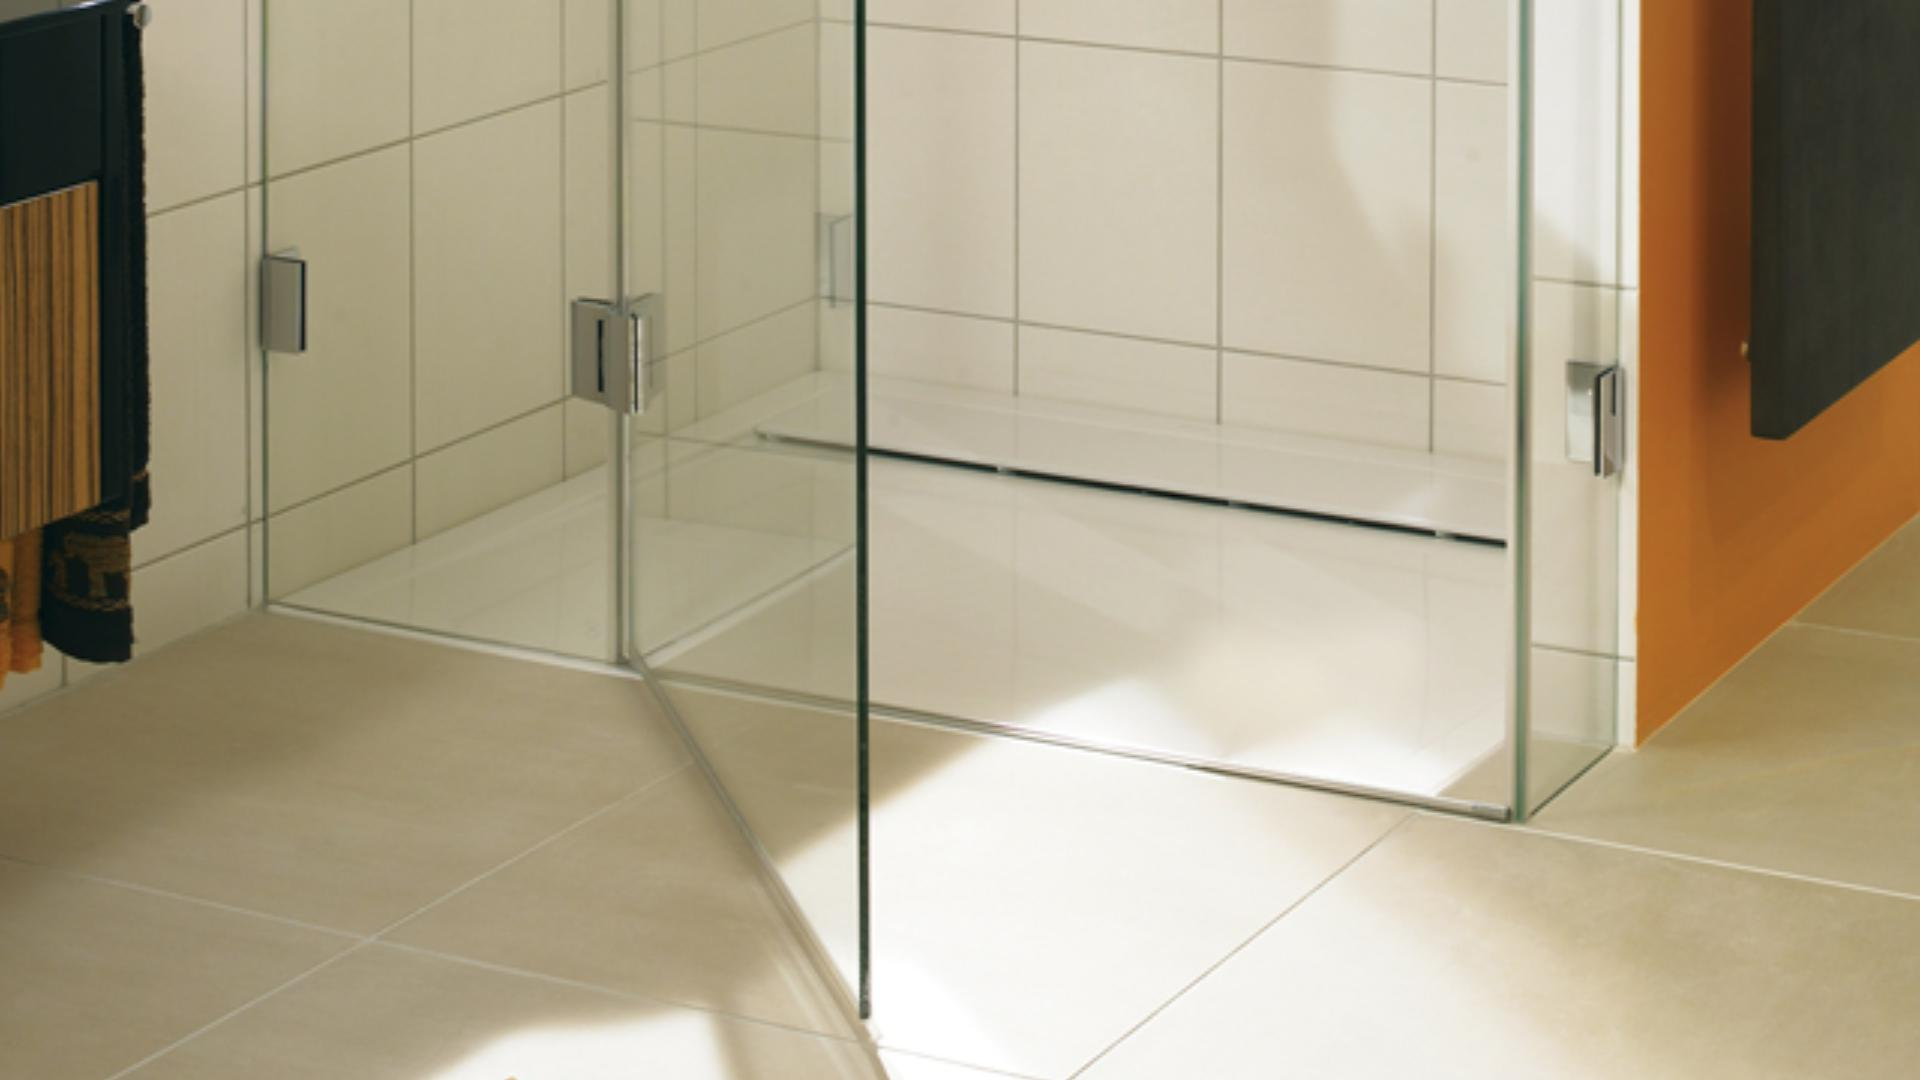 geöffnete Glastür einer Dusche